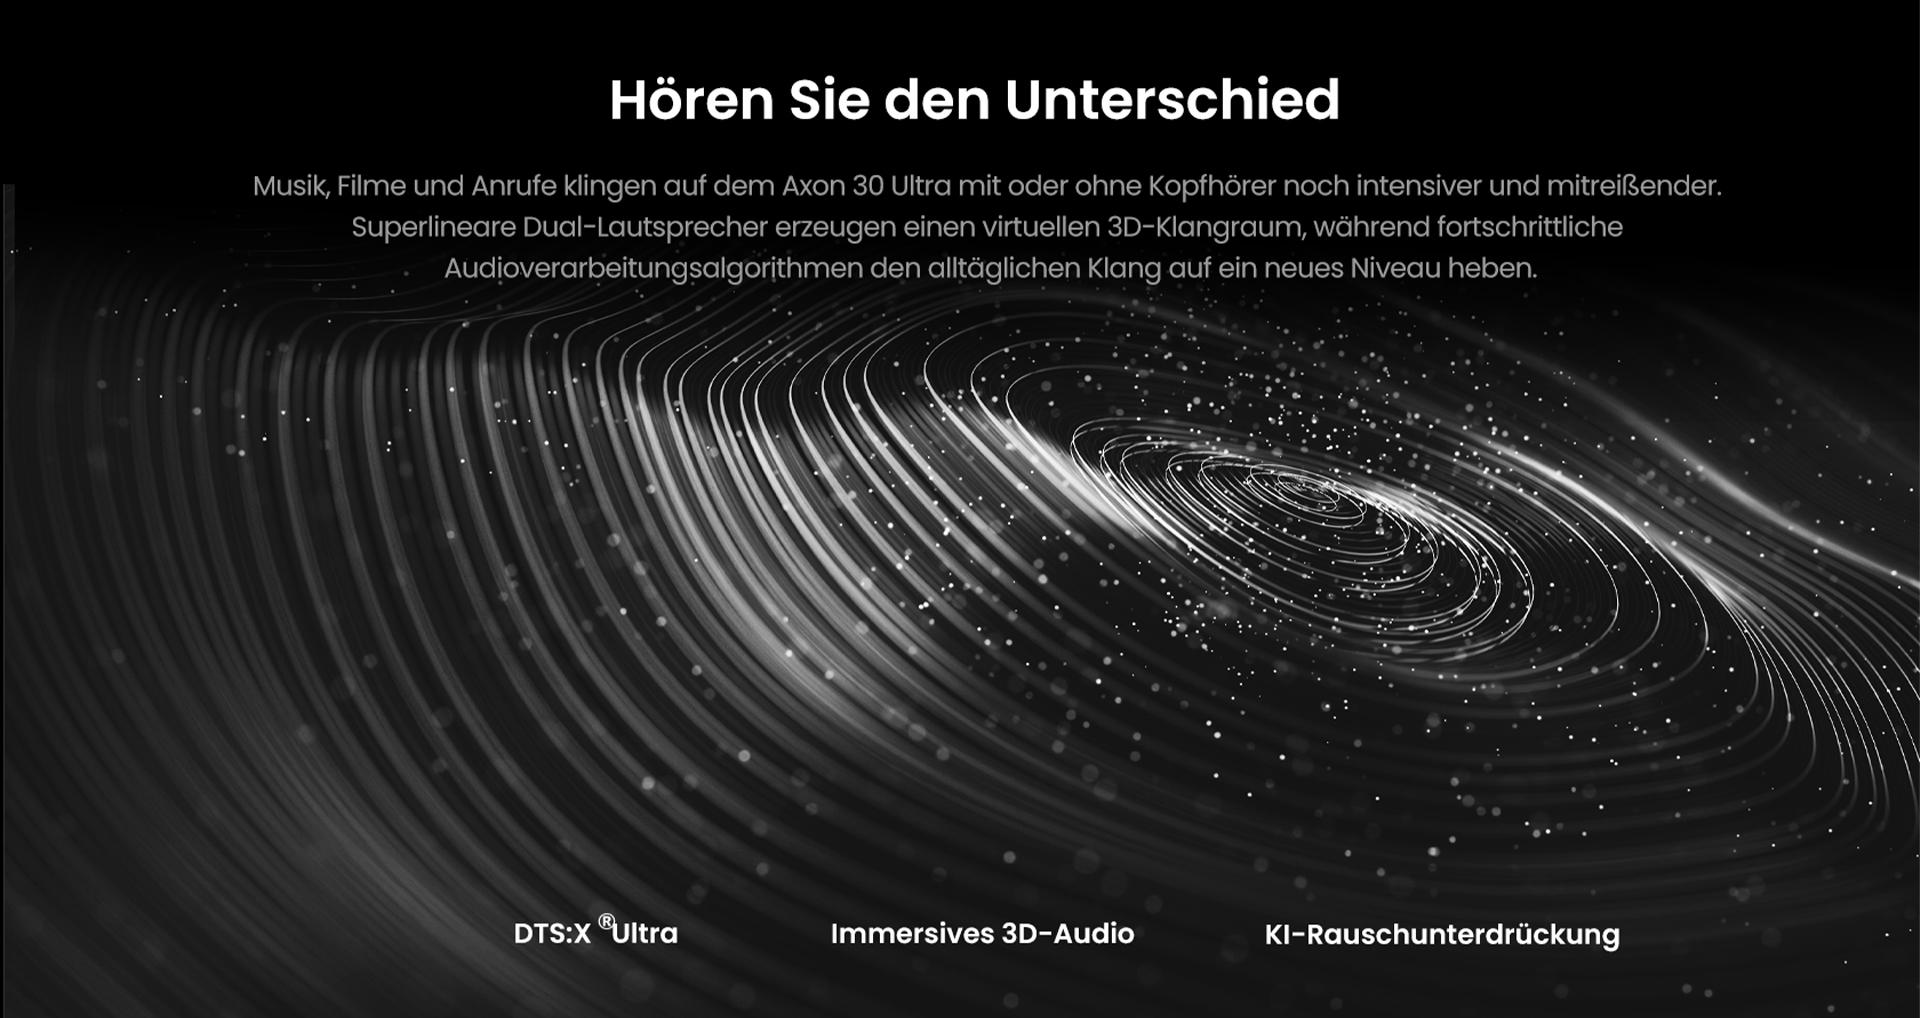 Hören Sie den Unterschied mit dem ZTE Axon 30 Ultra - Musik, Filme und Anrufe klingen auf dem ZTE Axon 30 Ultra mit oder ohne Kopfhörer noch intensiver und mitreißender. Superlineare Dual-Lautsprecher erzeugen einen virtuellen 3D-Klangraum, während fortschrittliche Audioverarbeitungsalgorithmen den alltäglichen Klang auf ein neues Niveau heben